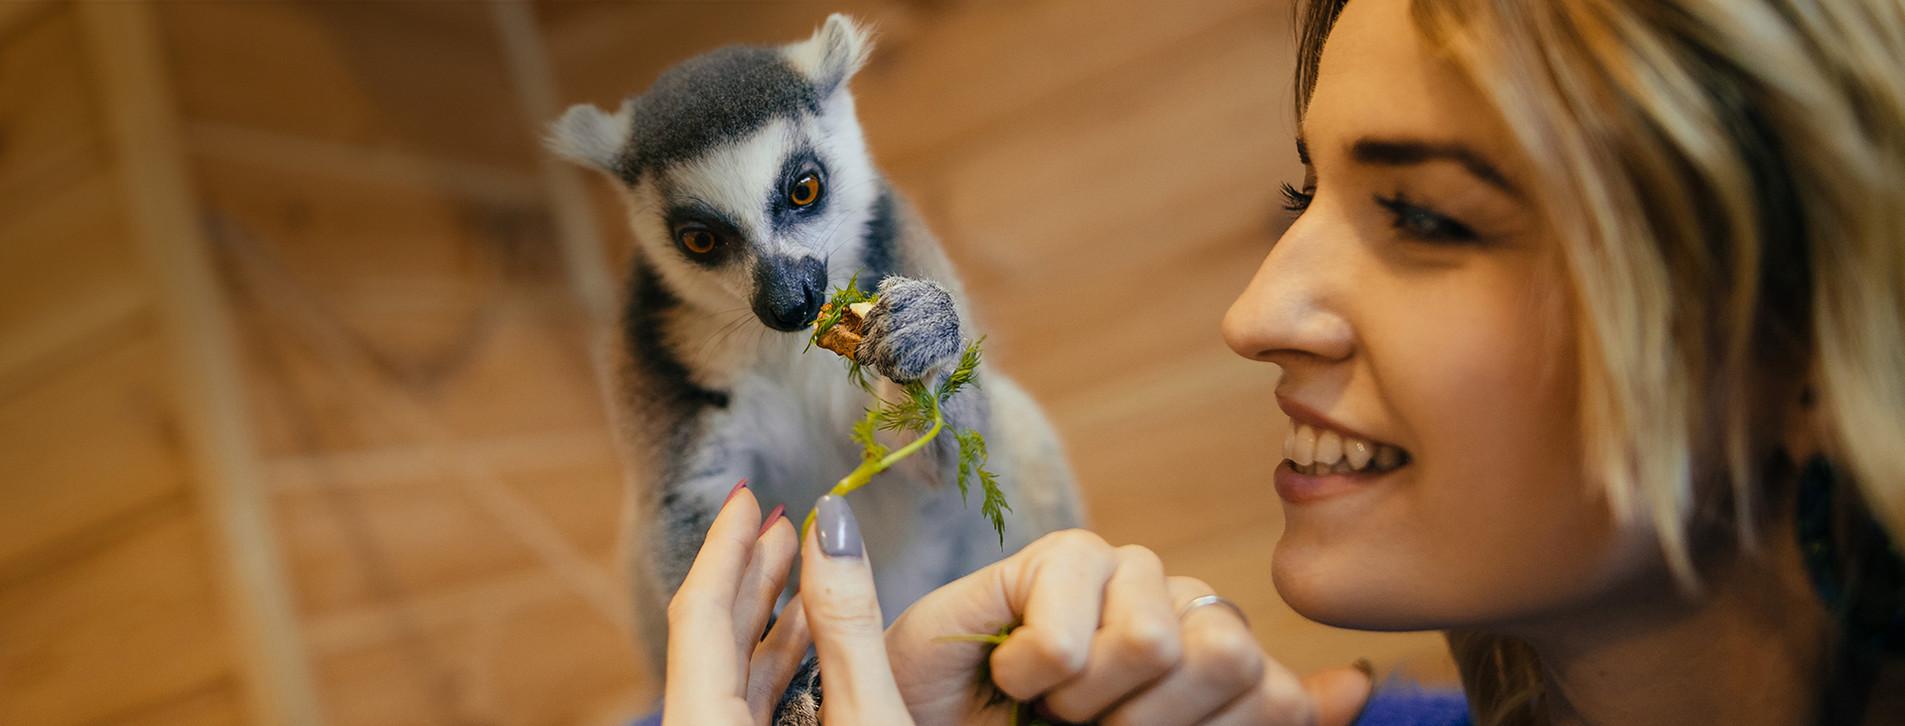 Фото - Контактный зоопарк для компании